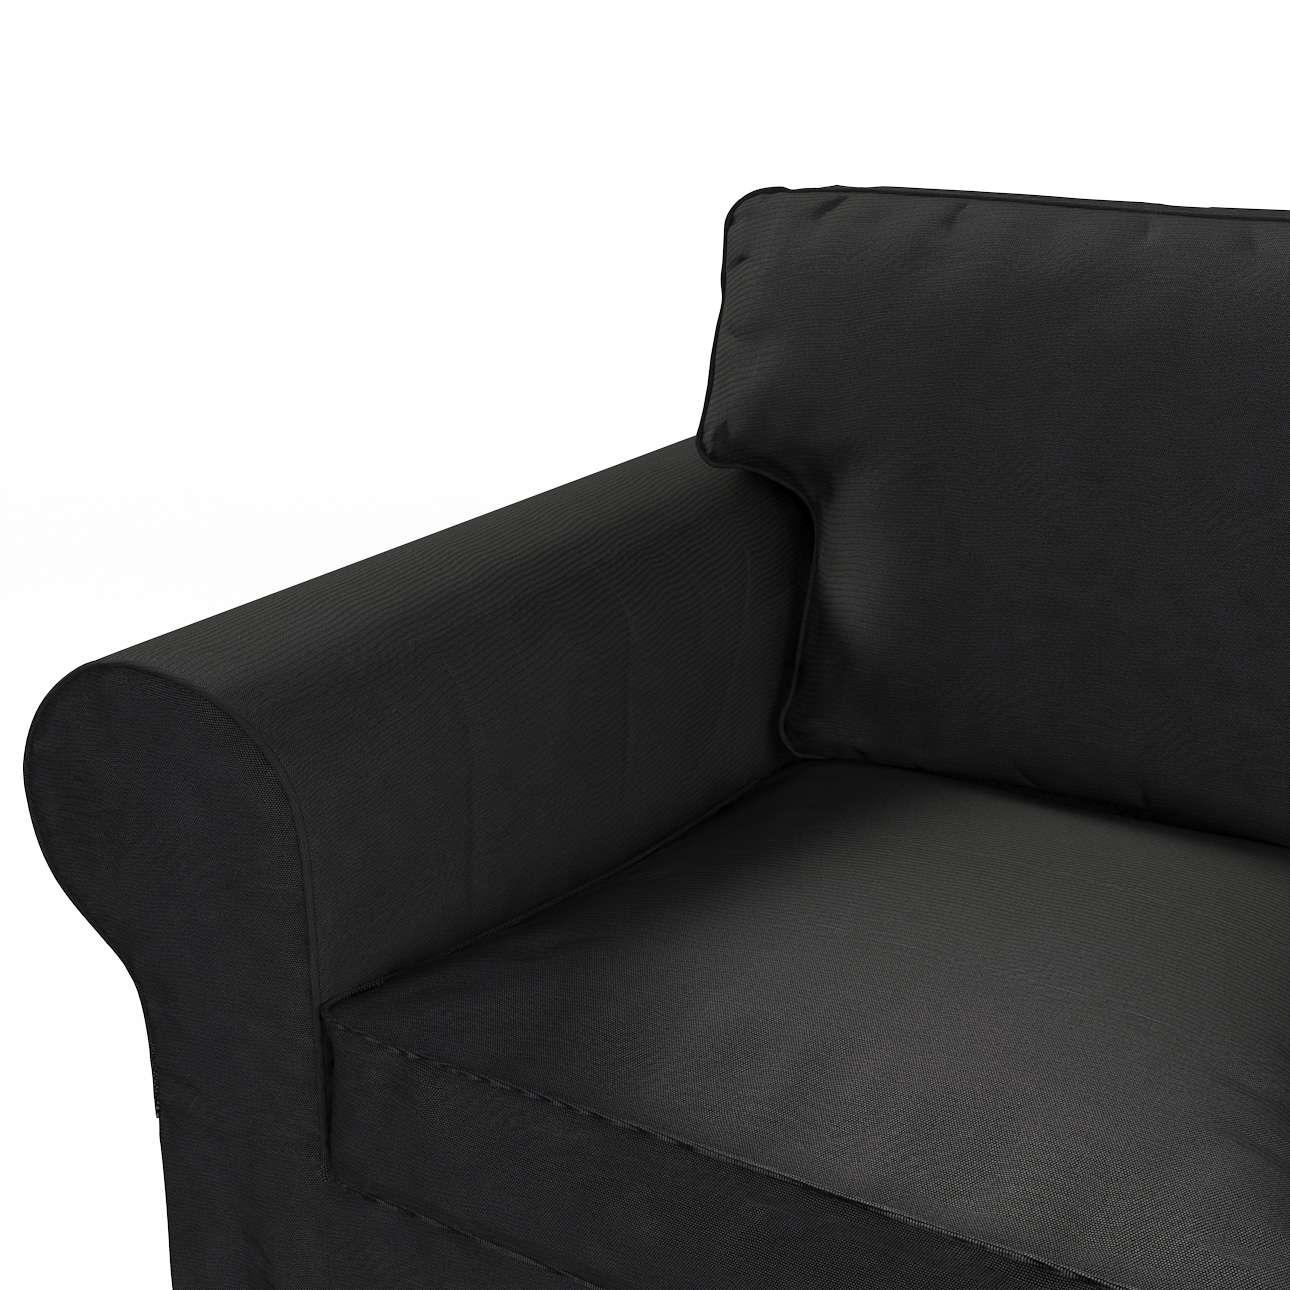 Ektorp trivietės sofos-lovos užvalkalas Ektorp trivietė sofa-lova kolekcijoje Etna , audinys: 705-00